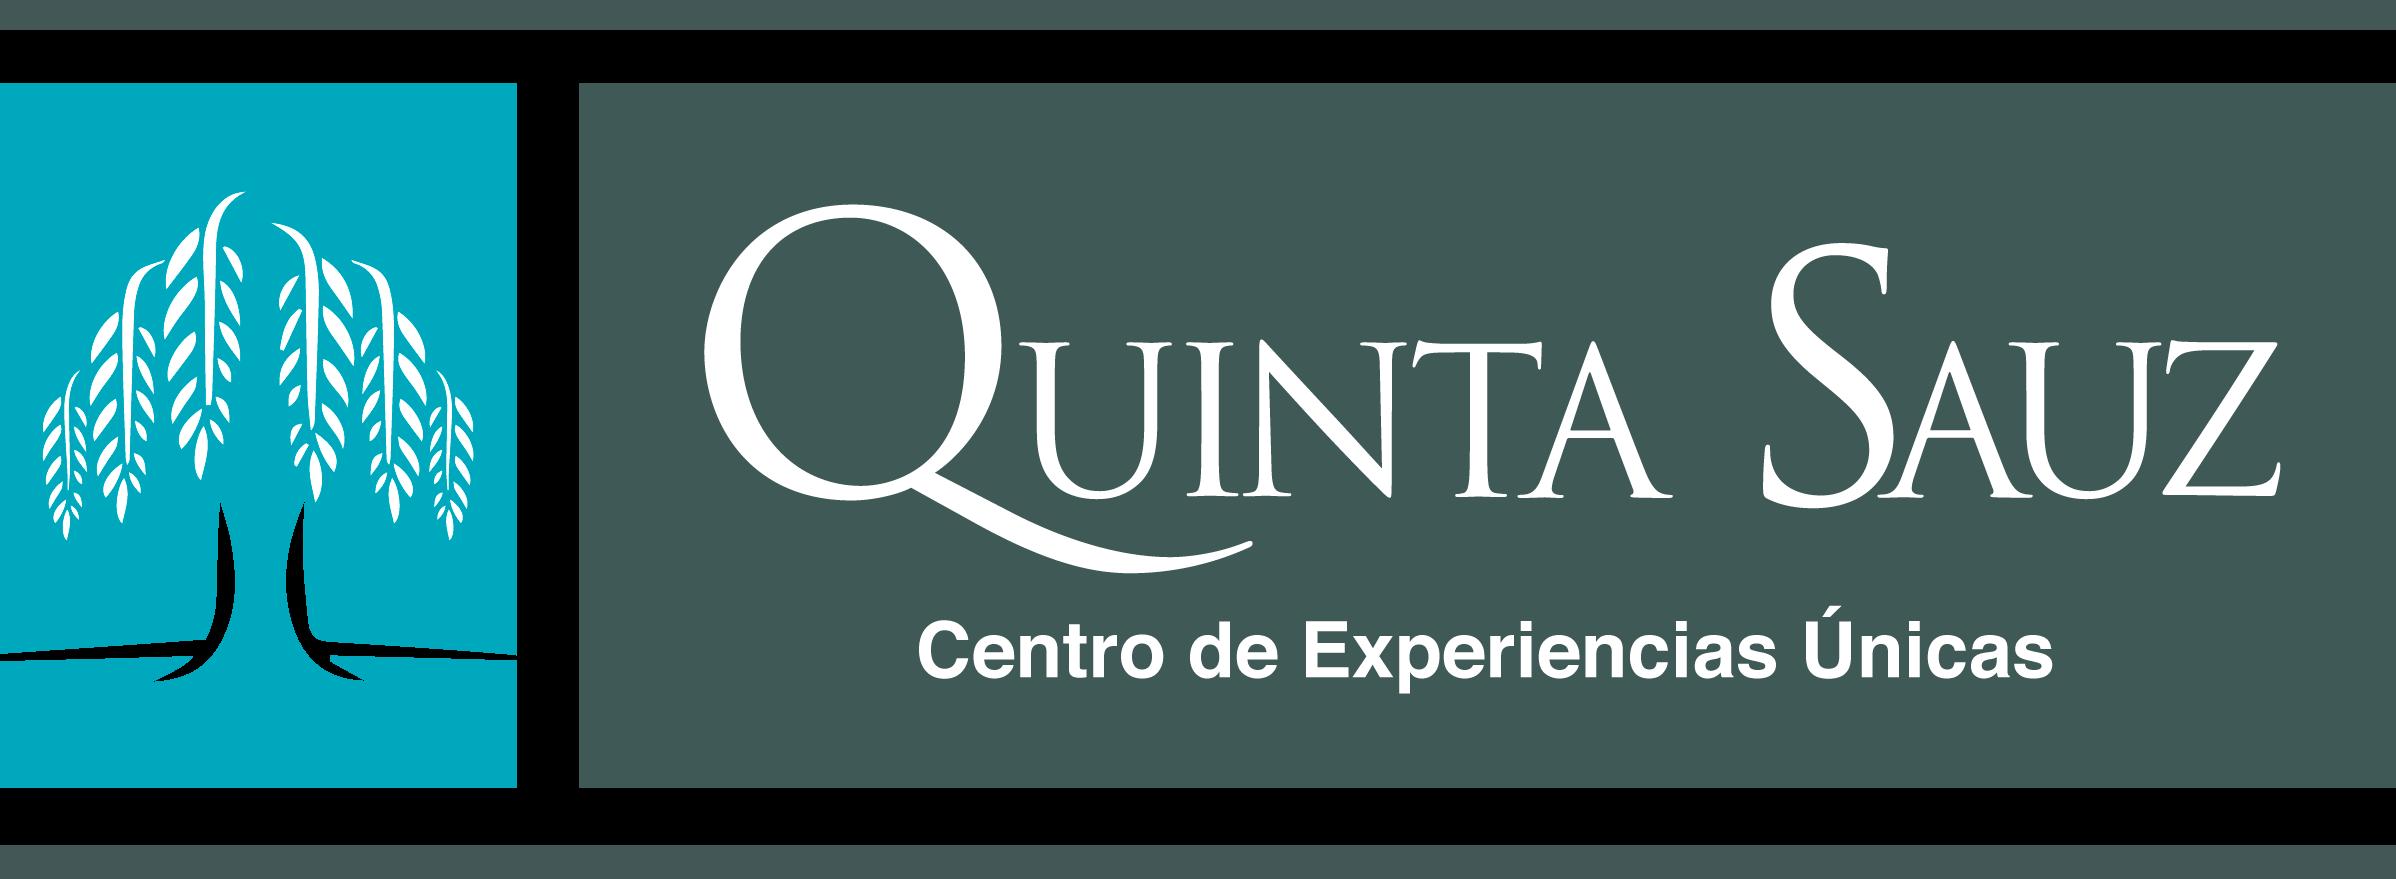 Logotipo Quinta Sauz